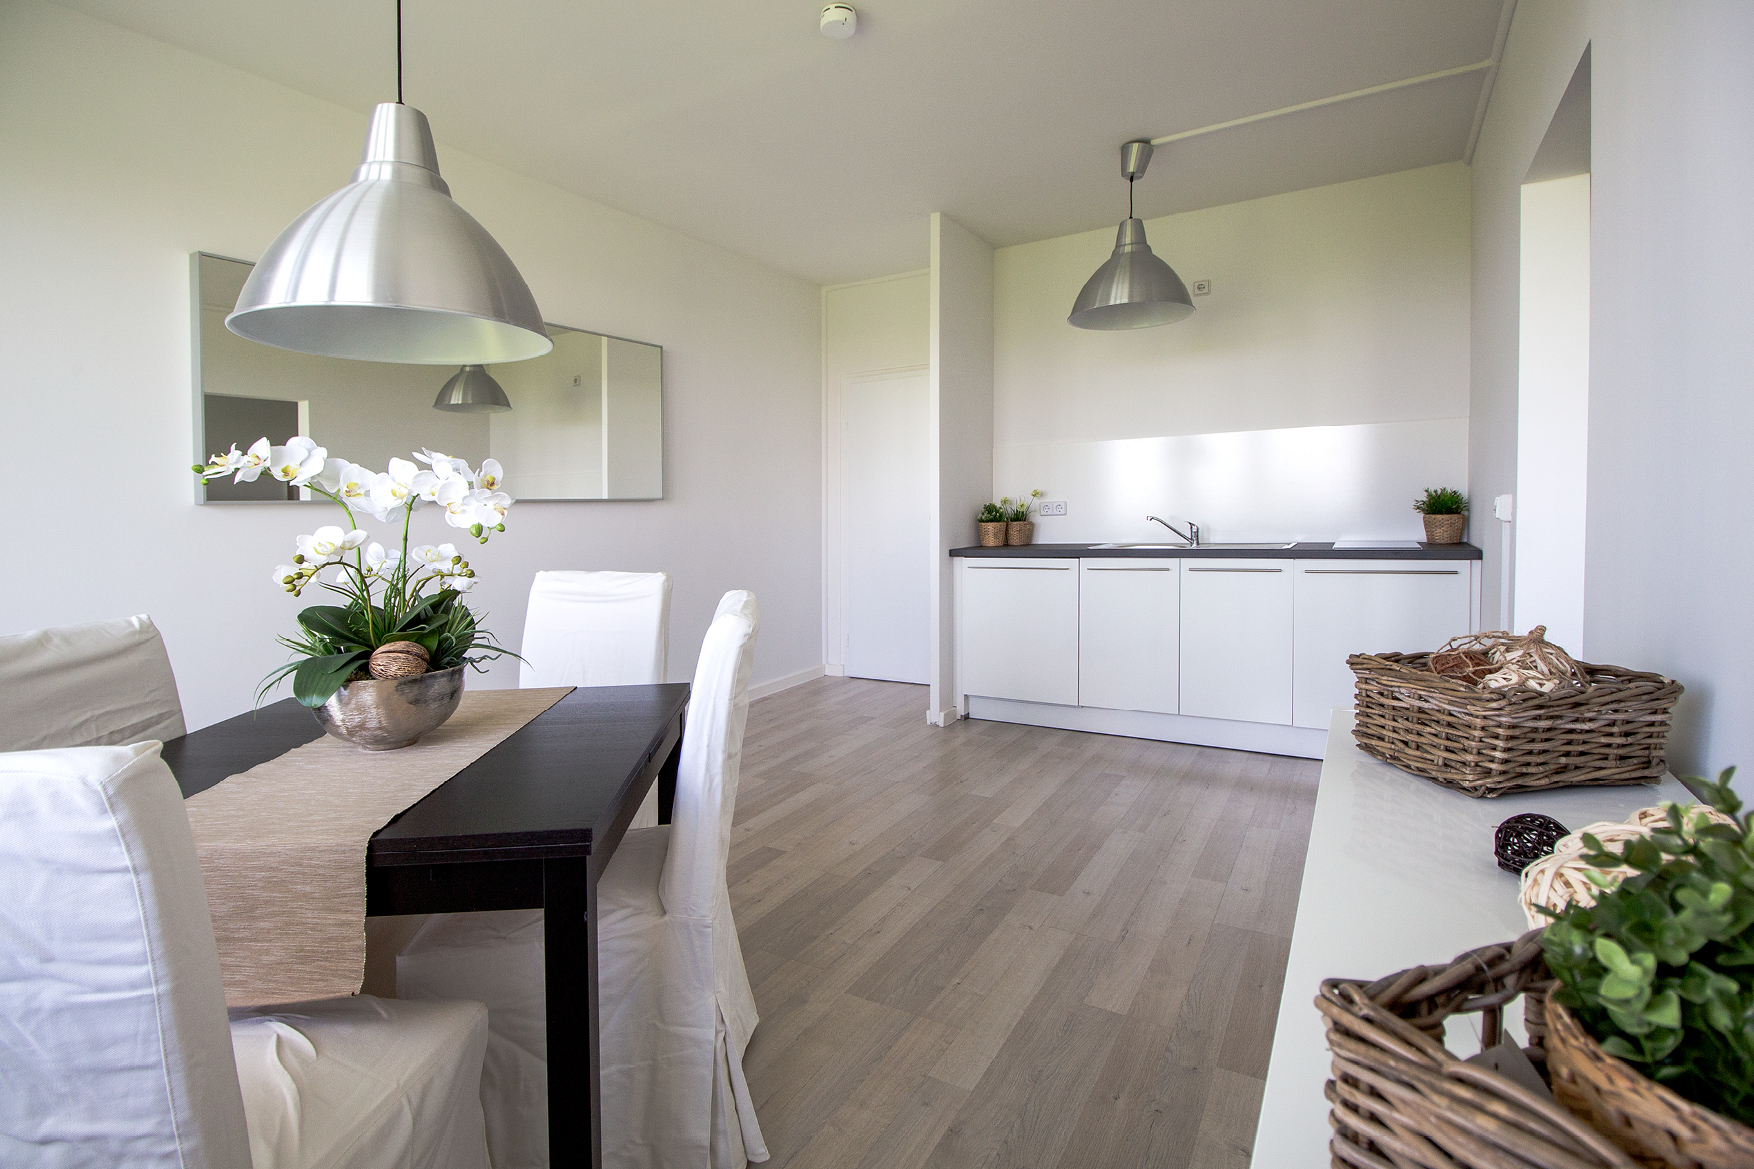 1 2 3 4 5 raum wohnungen in erfurt mieten saniert. Black Bedroom Furniture Sets. Home Design Ideas